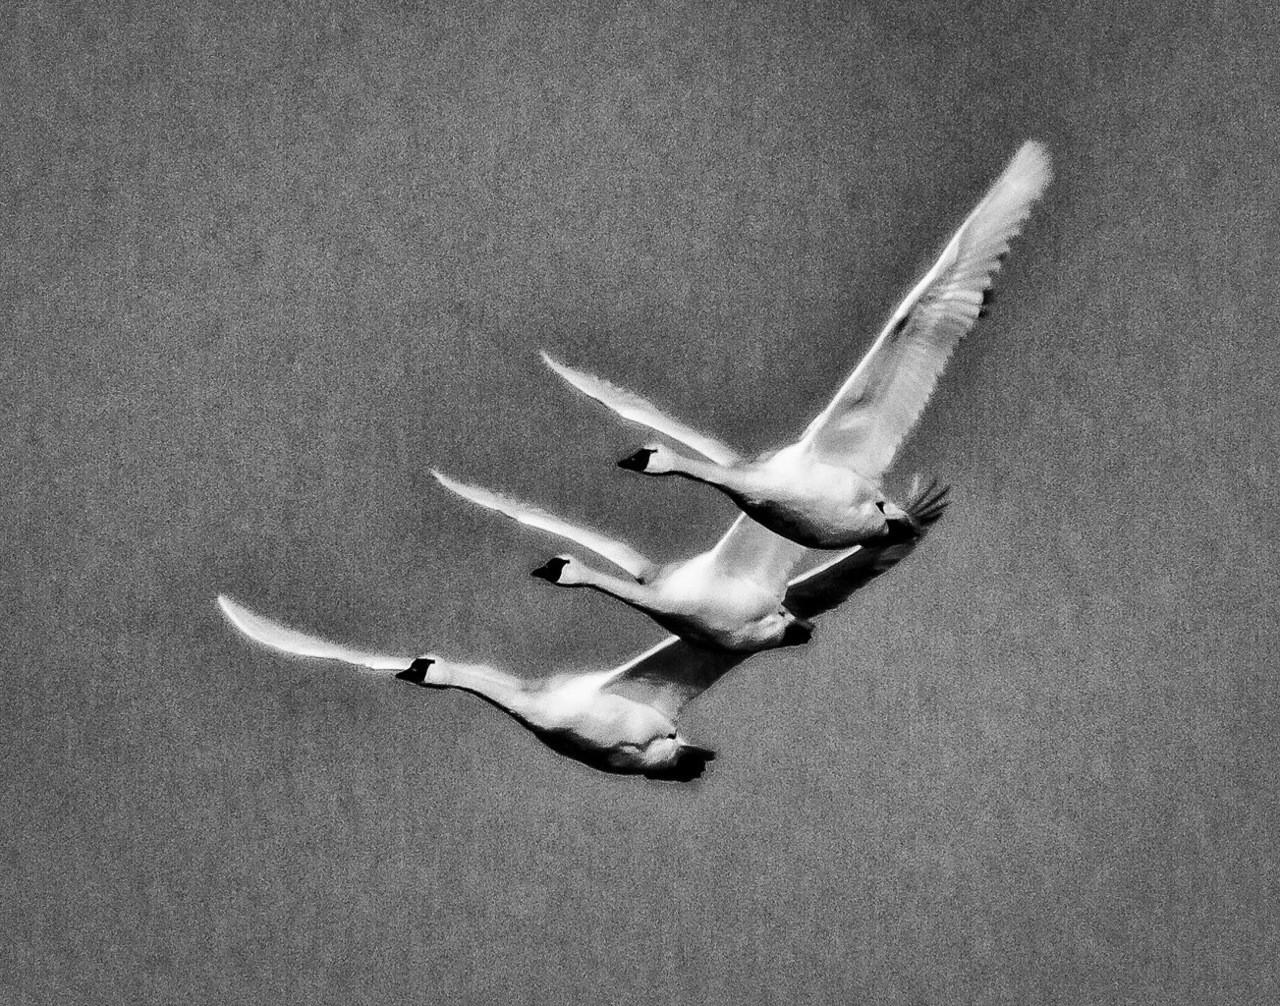 Поощрительная премия в категории «Дикие животные» среди любителей, 2020. «Три лебедя». Автор Майкл Рауш